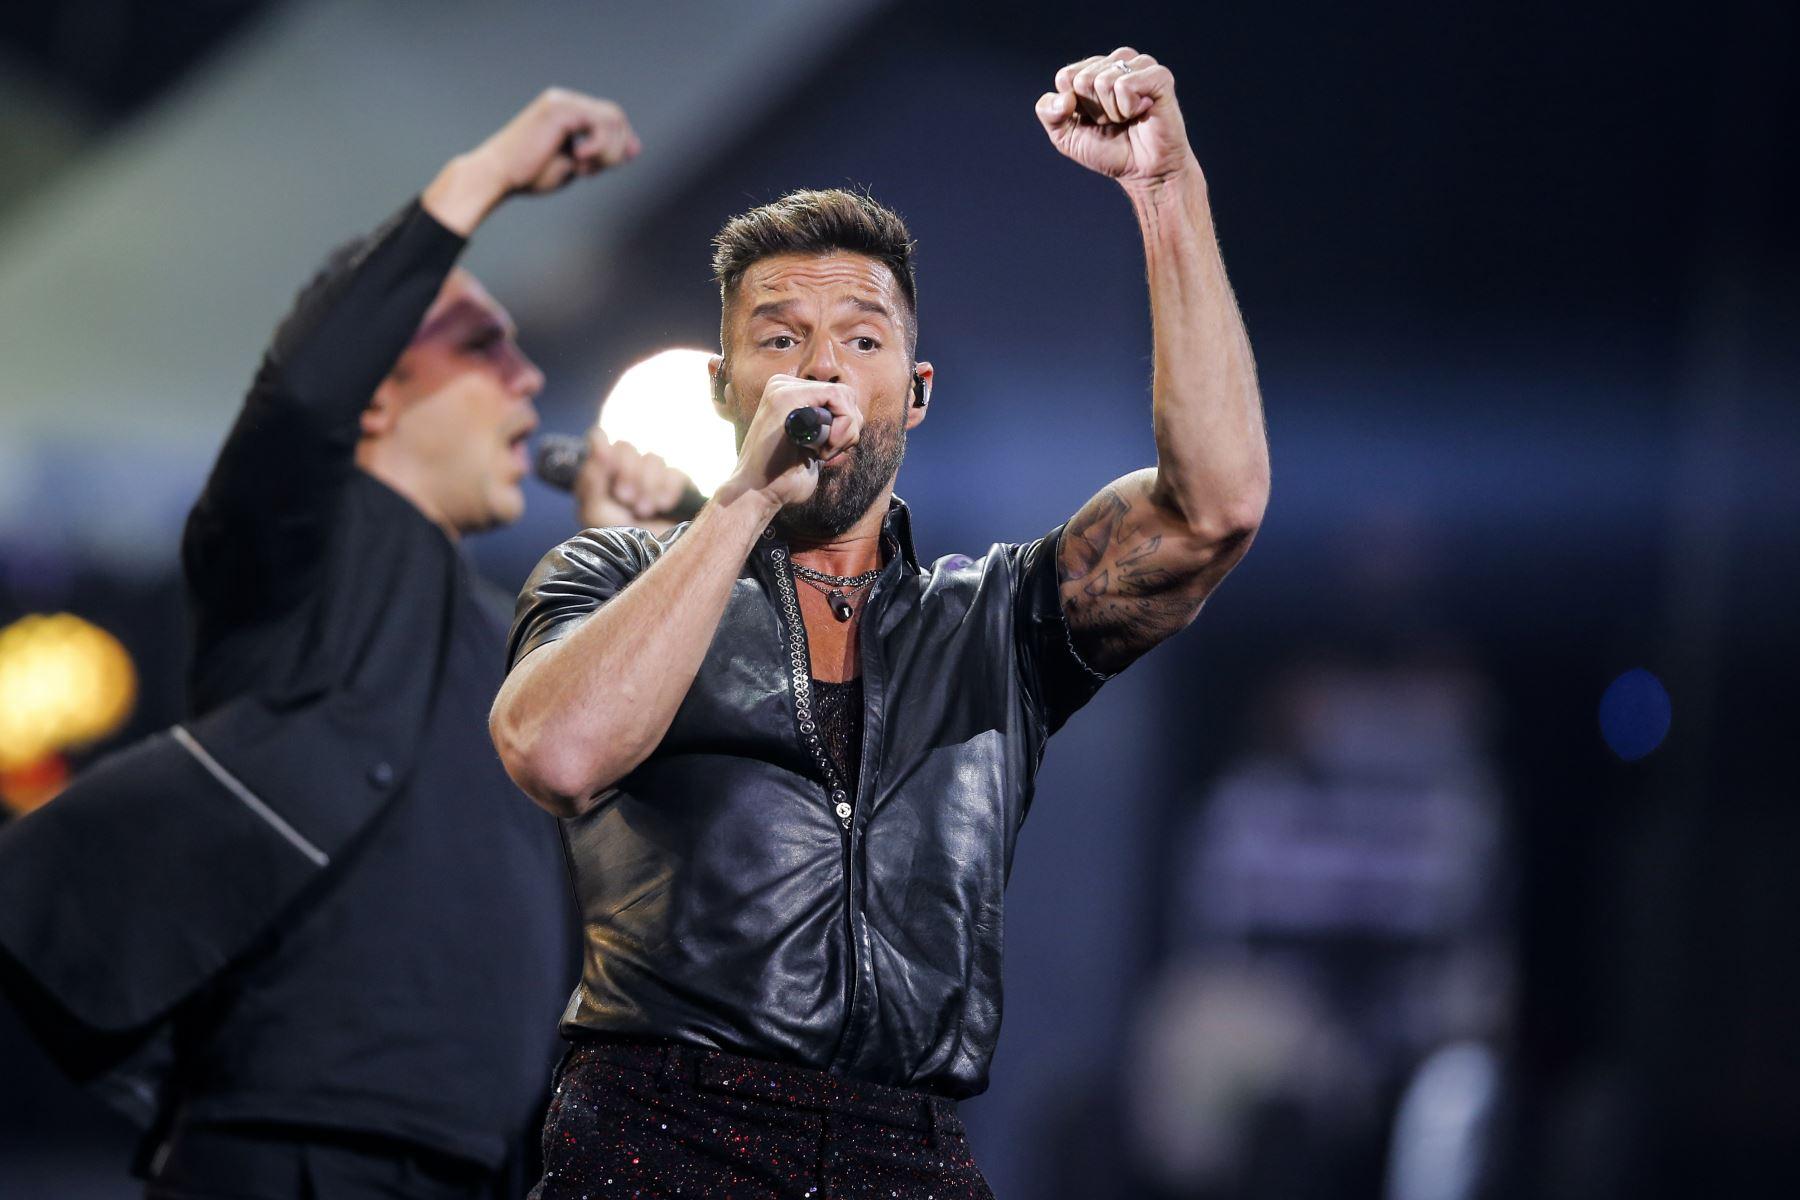 El cantante puertorriqueño Ricky Martin  se presenta en el 61 Festival Internacional de la Canción de Viña del Mar. AFP